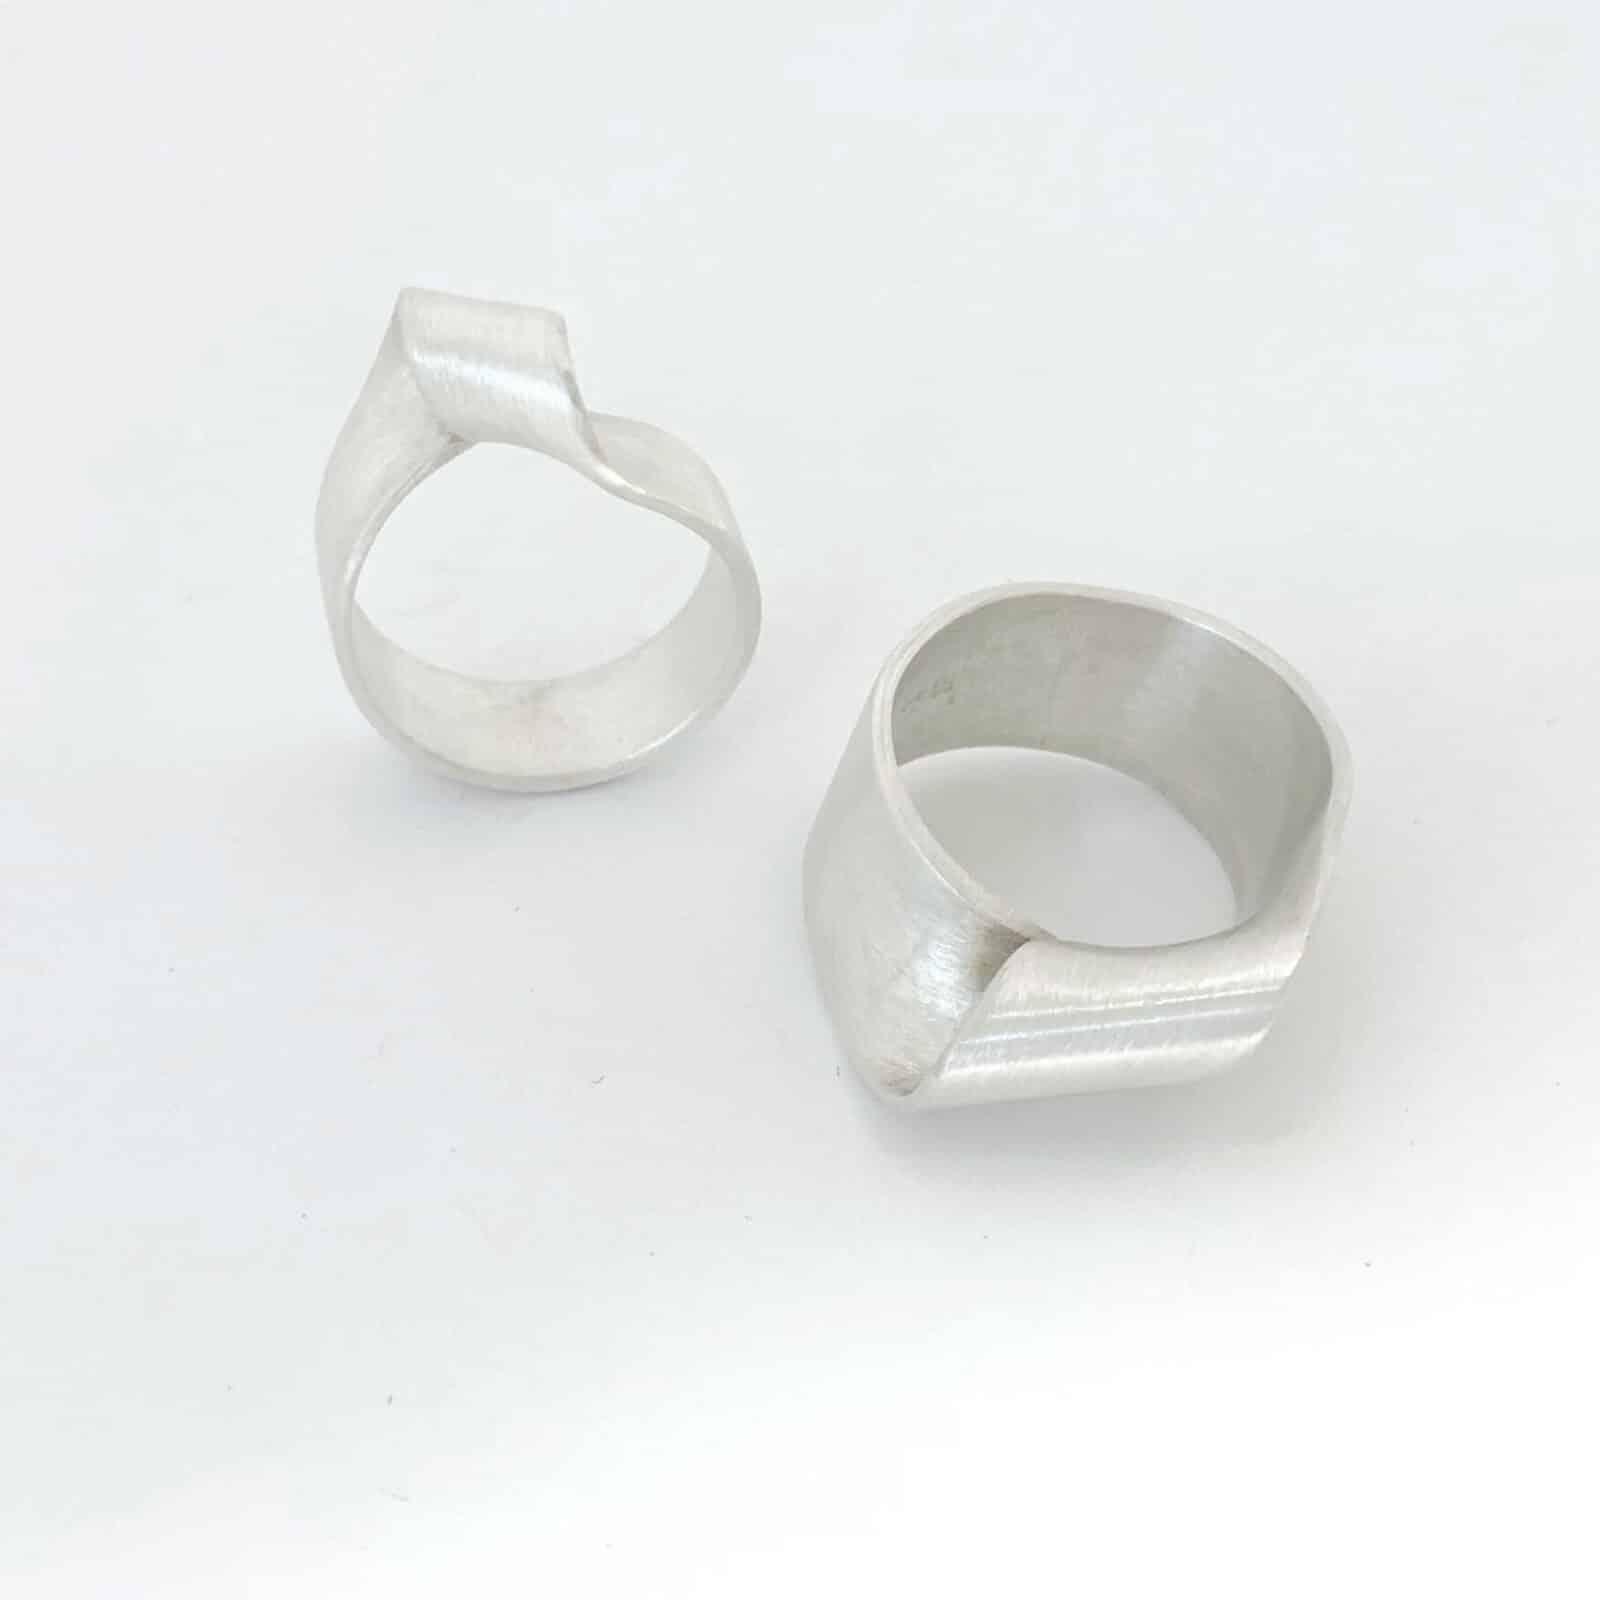 Zilveren trouwringen koop je bij de juwelier van Enschede en Overijssel